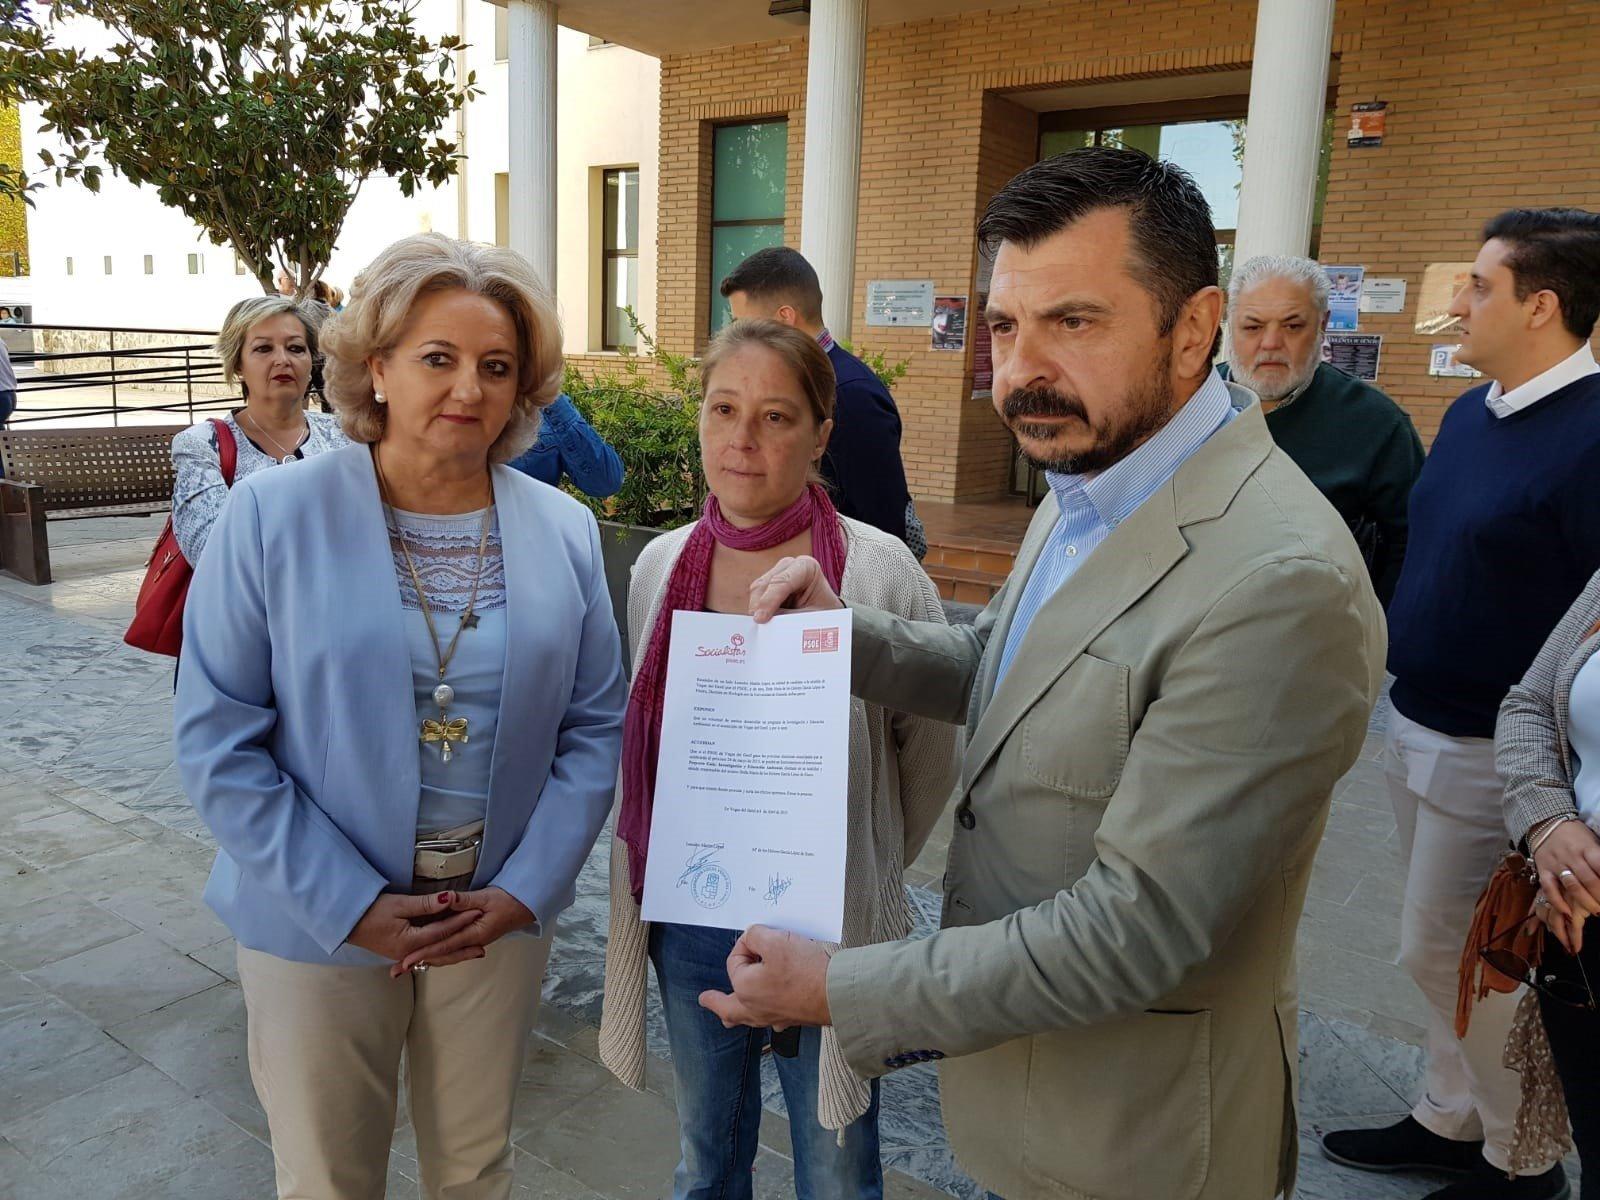 El alcalde de Vegas emplaza a la vecina que dijo que el PSOE compró su voto que se ratifique ante el juez